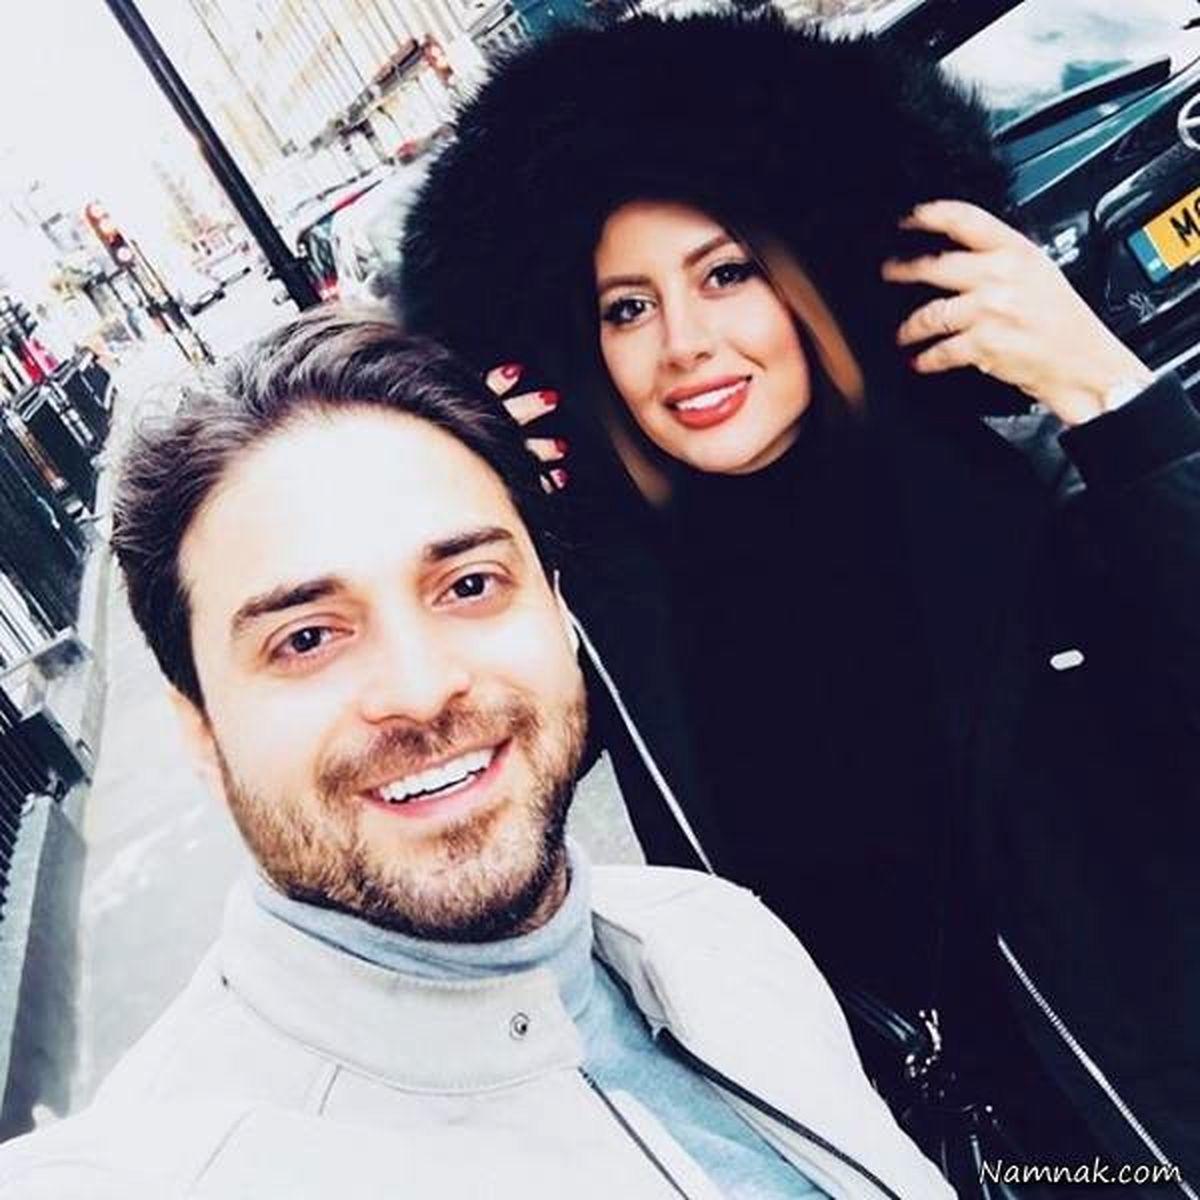 عکس های جشن تولد خصوصی دختر بابک جهانبخش   بابک جهانبخش و همسرش